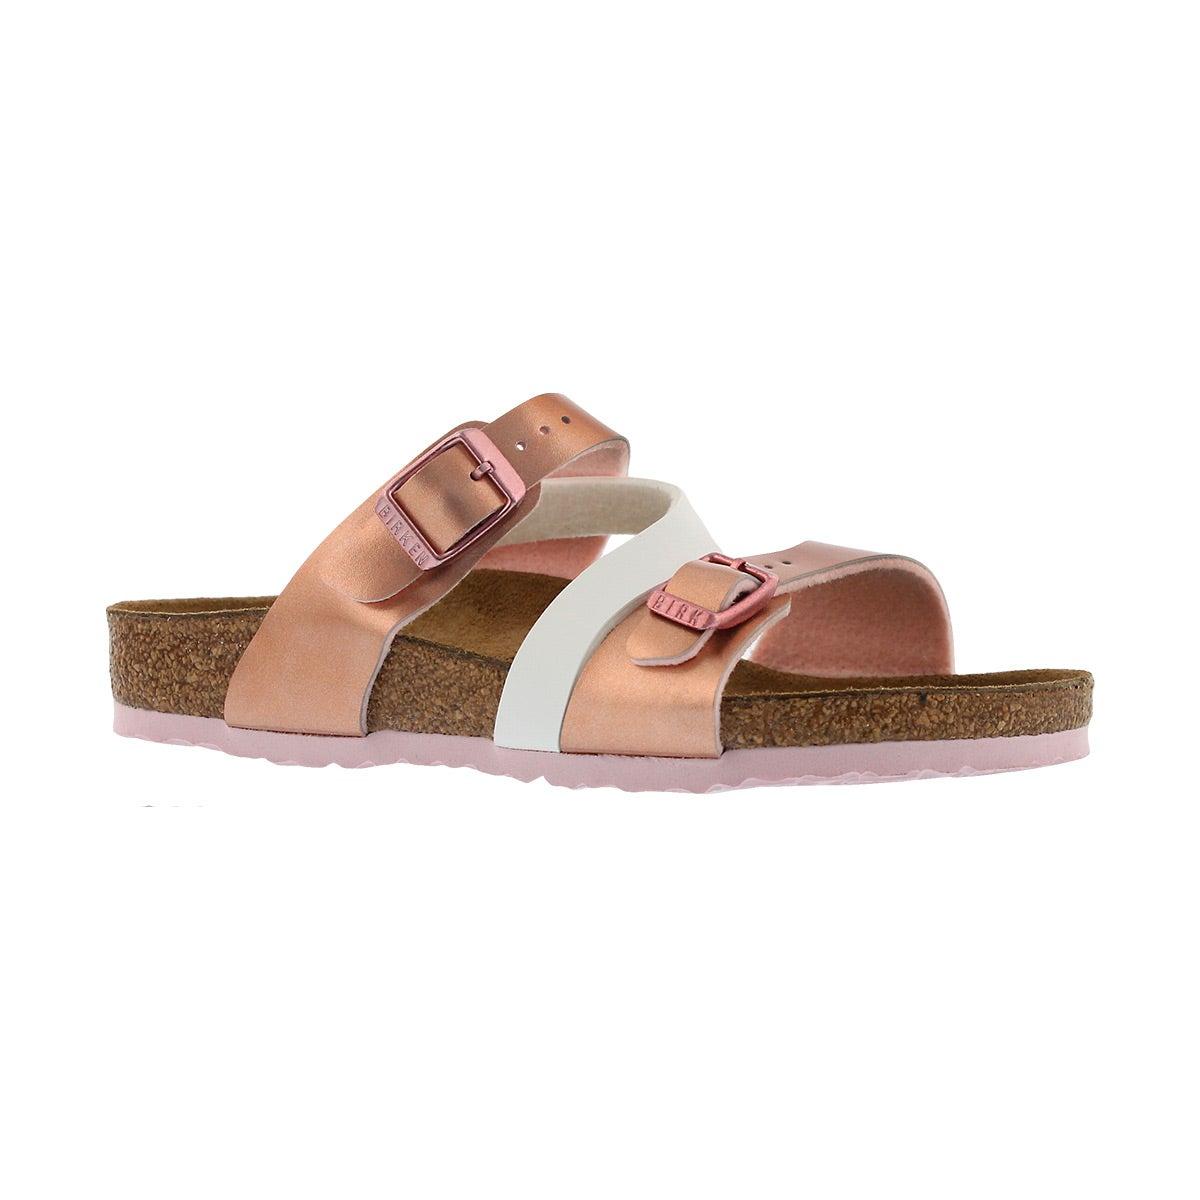 Girls' SALINA BF sft metallic rose white sandals